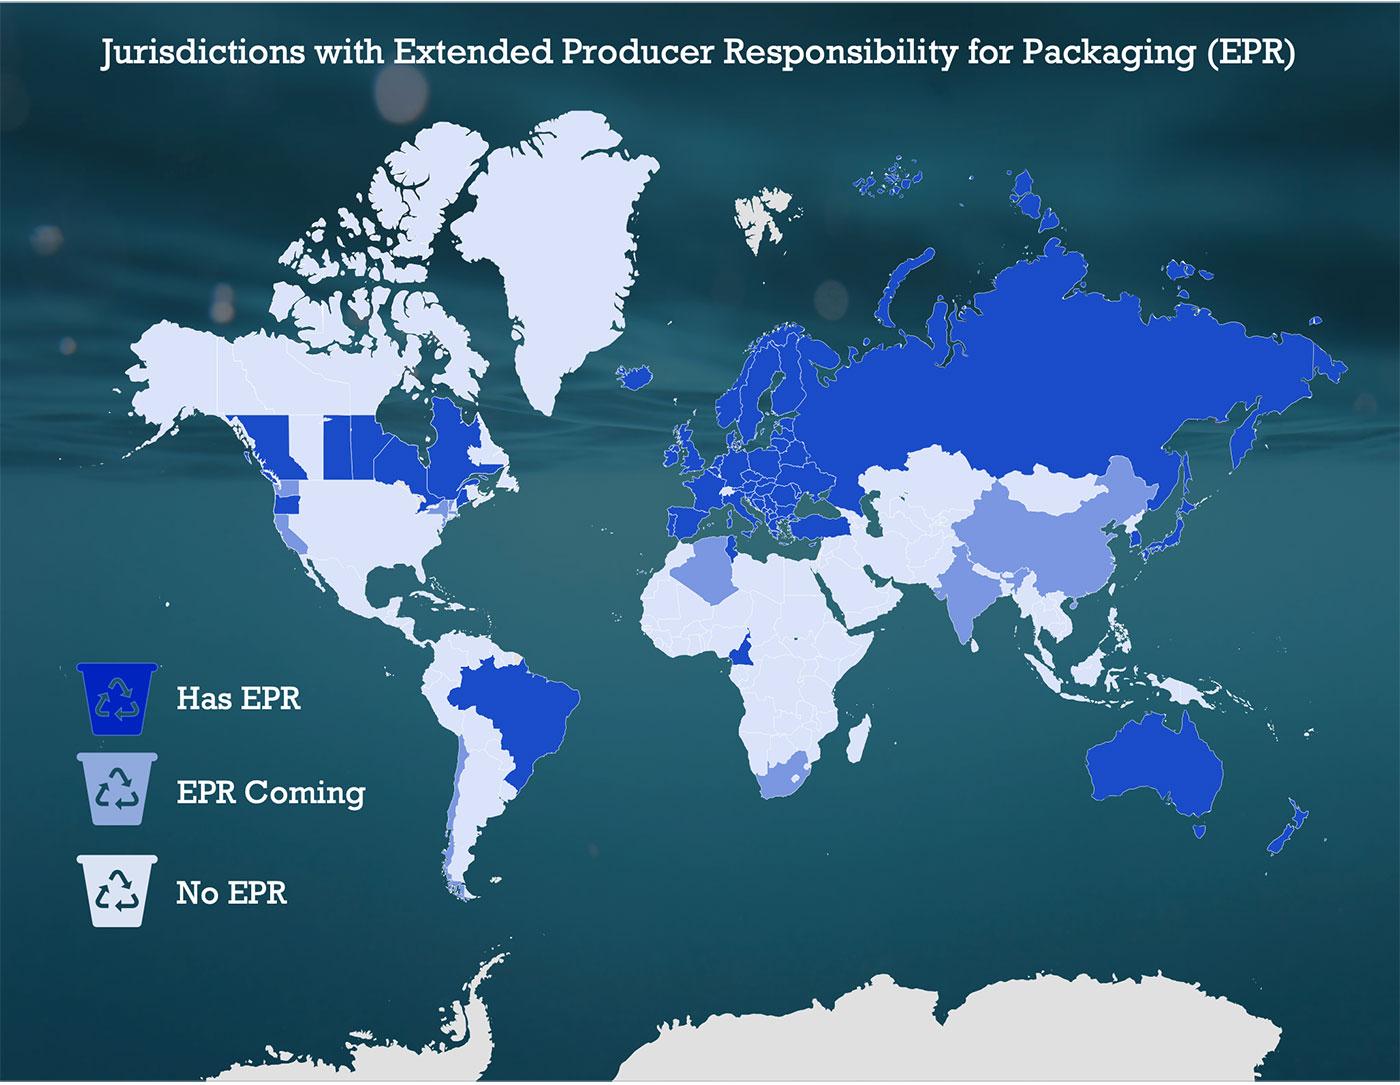 EPR for packaging map